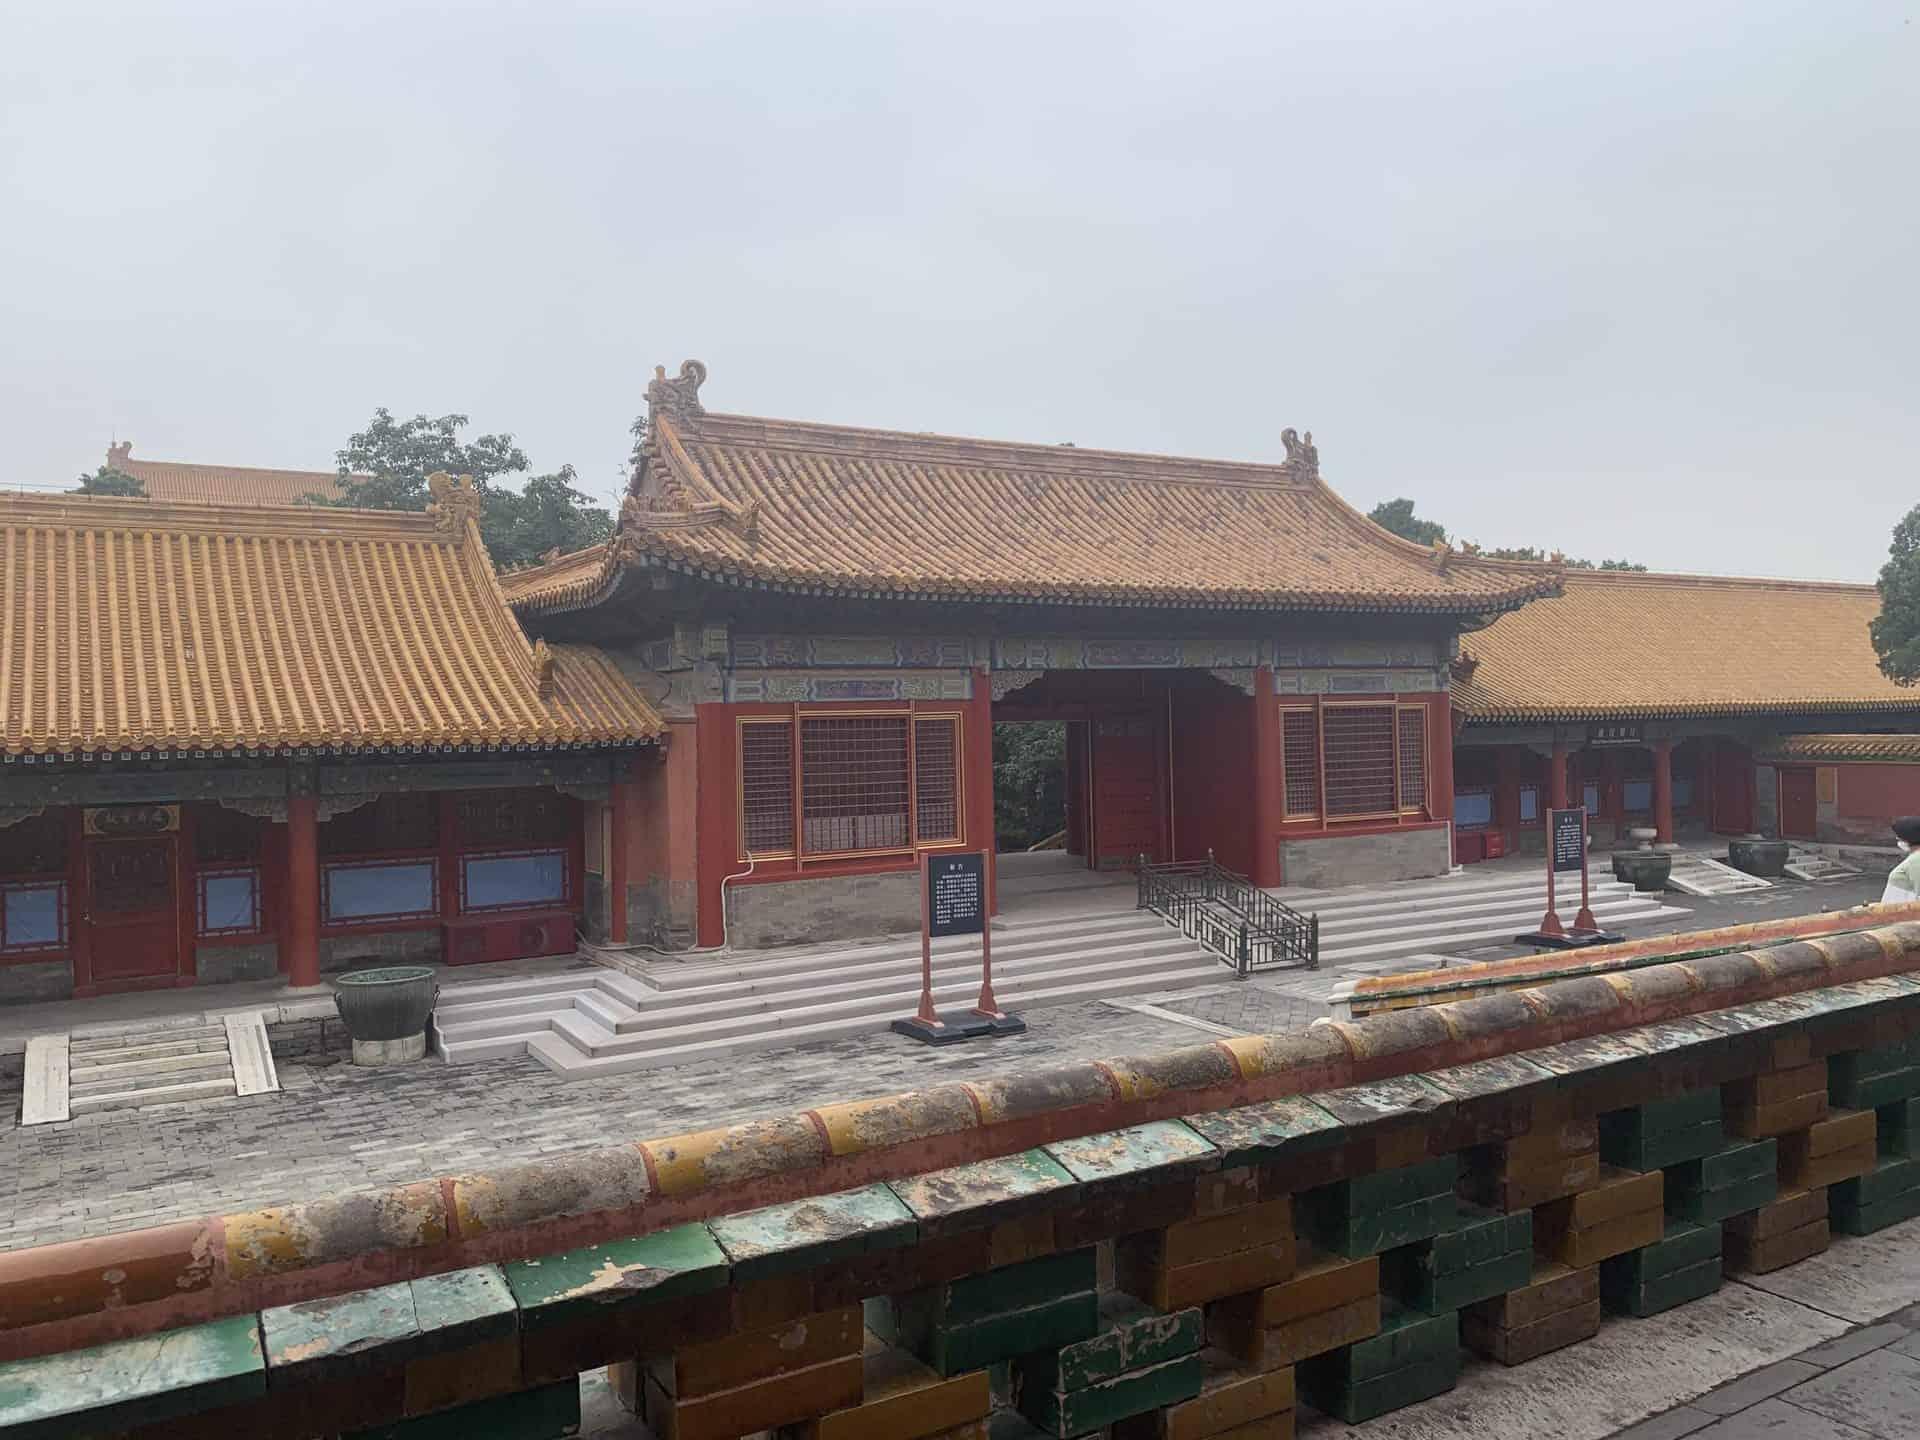 beijingforbiddencity_ProceedingfromTourPoint9toTourPoint10.Part2